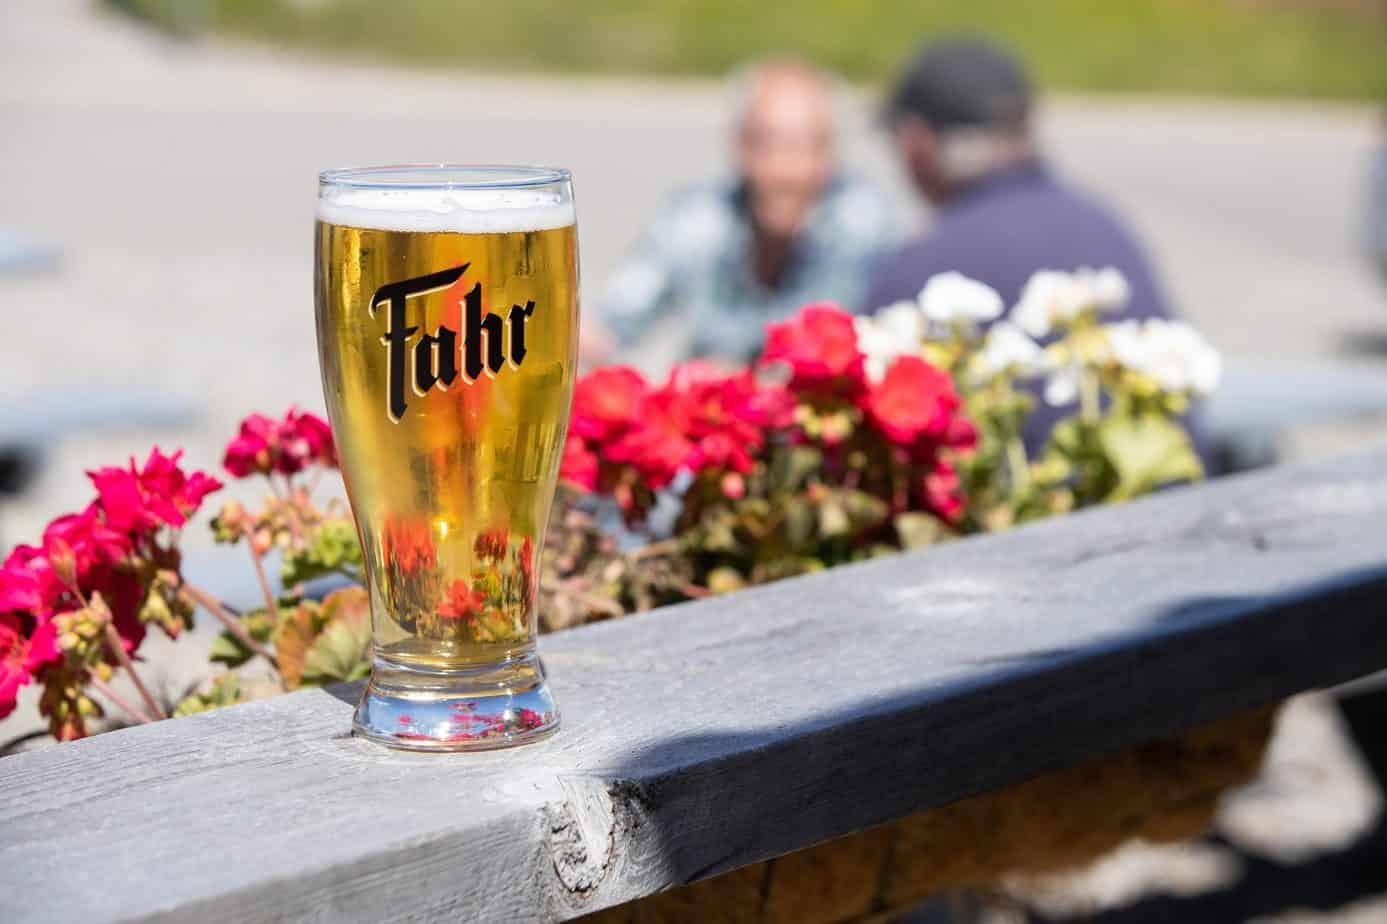 Jochen Fahr – Fahr Brewing